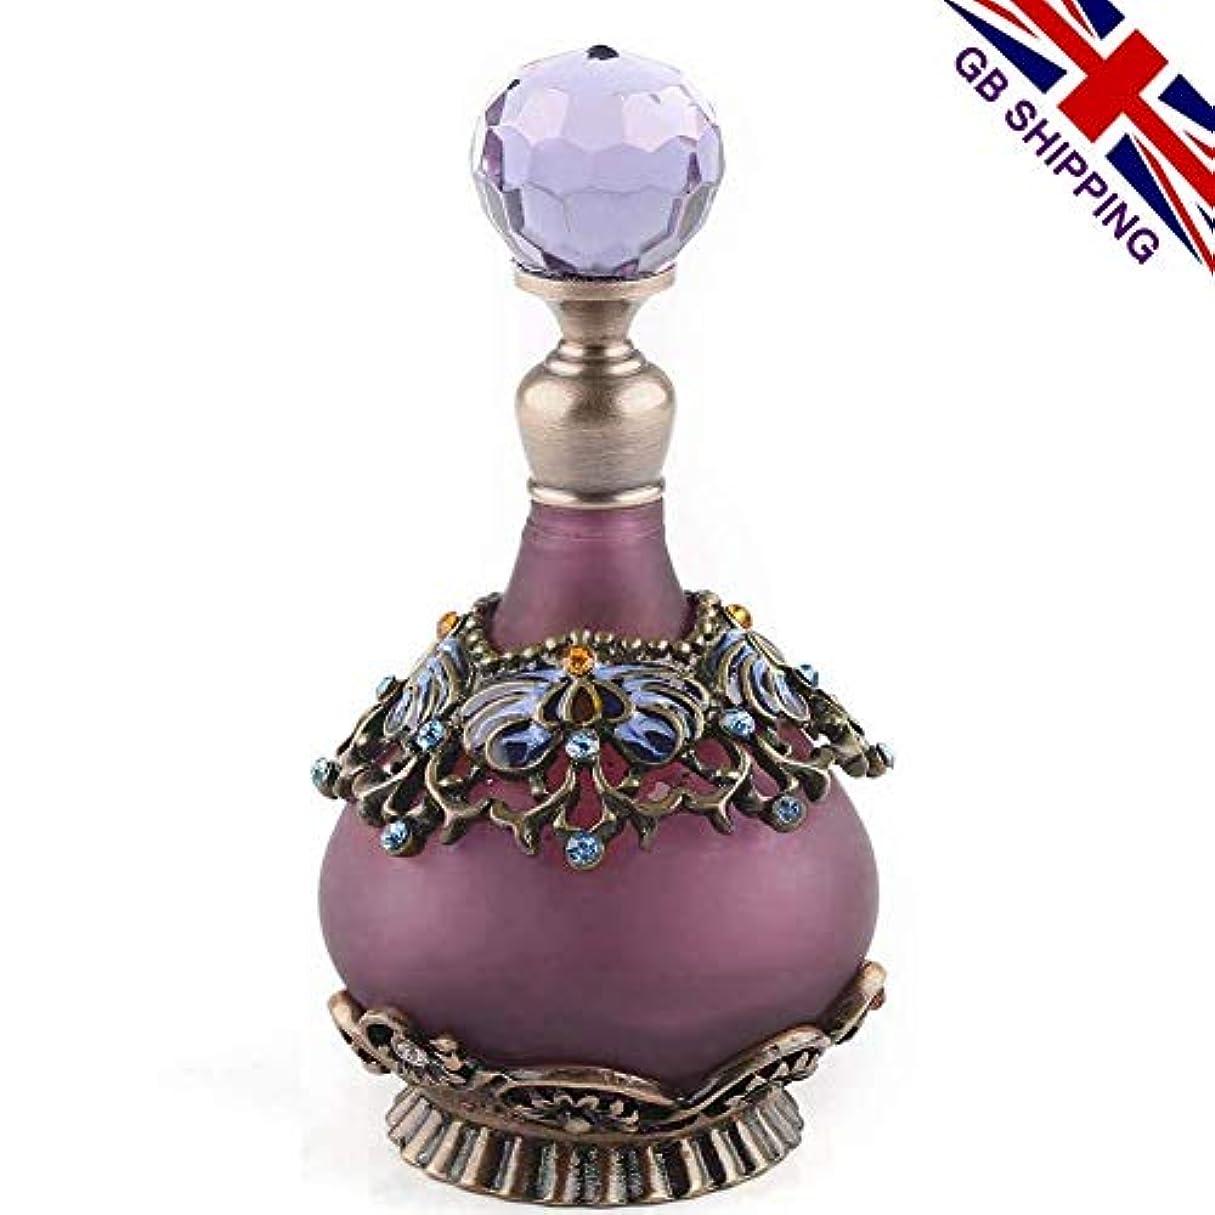 おもてなし逃げる時間厳守VERY100 高品質 美しい香水瓶 23ML アロマボトル 綺麗アンティーク風 プレゼント 結婚式 飾り 58798